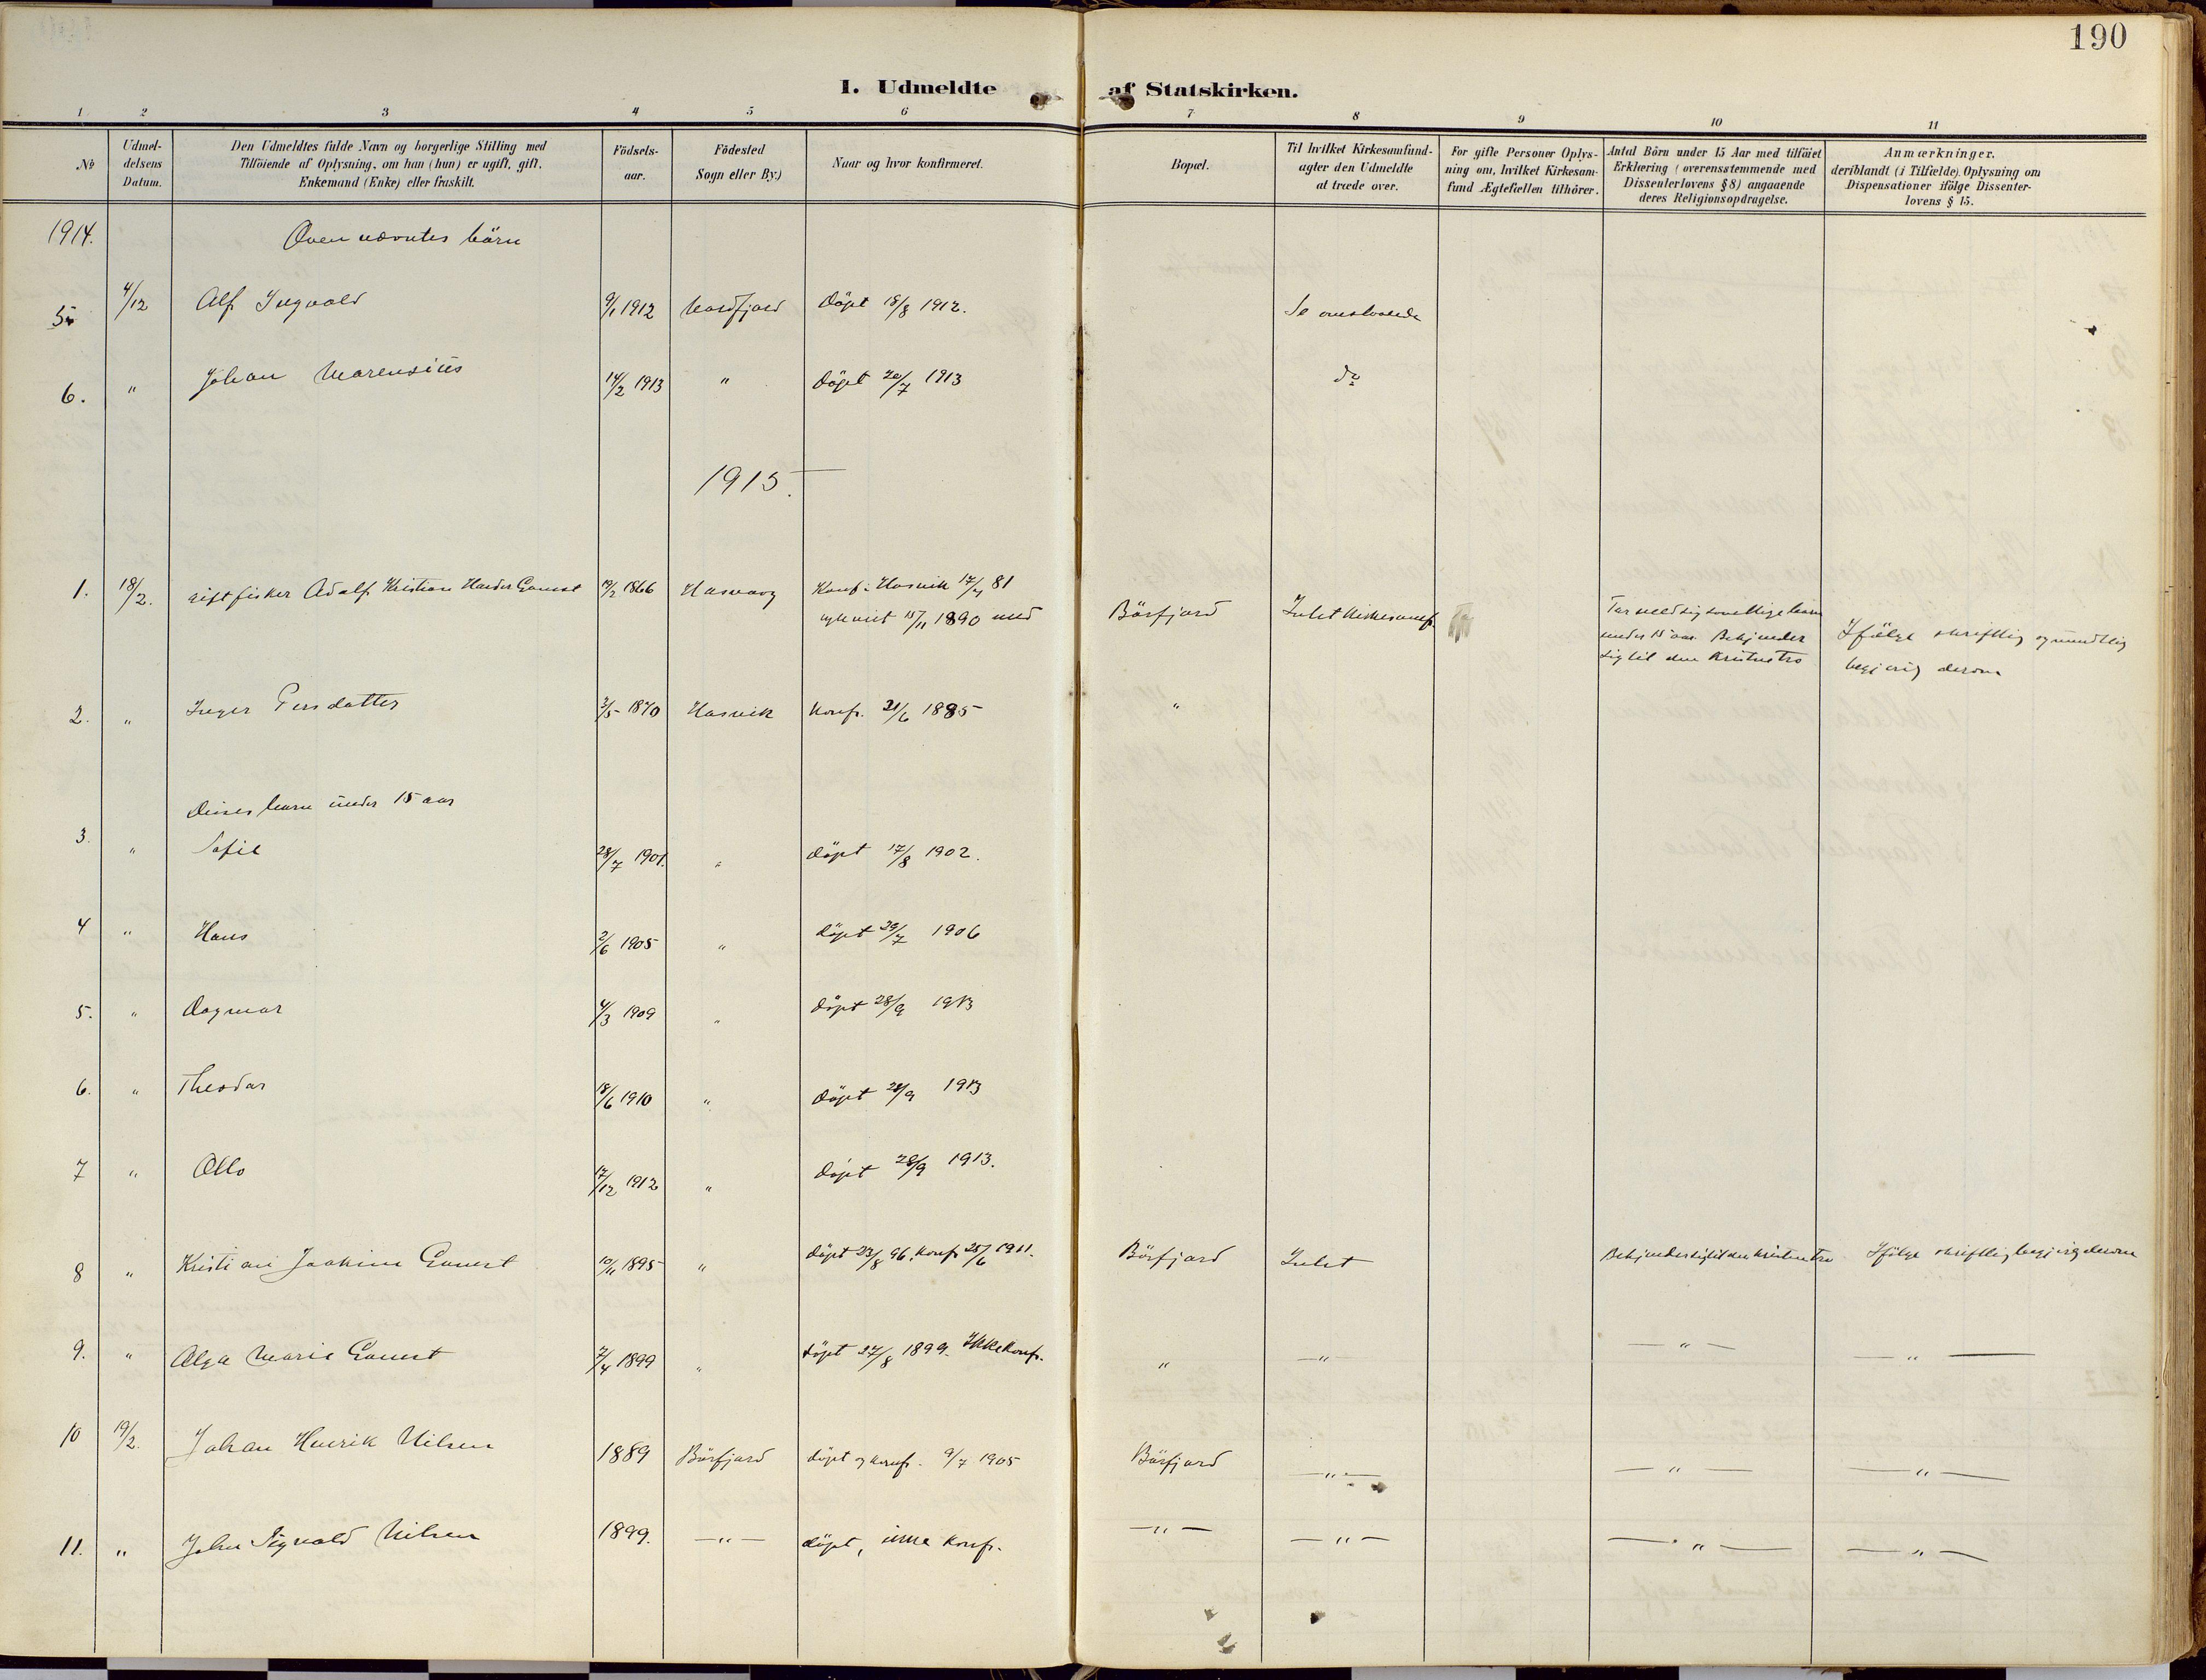 SATØ, Loppa sokneprestkontor, H/Ha/L0010kirke: Ministerialbok nr. 10, 1907-1922, s. 190